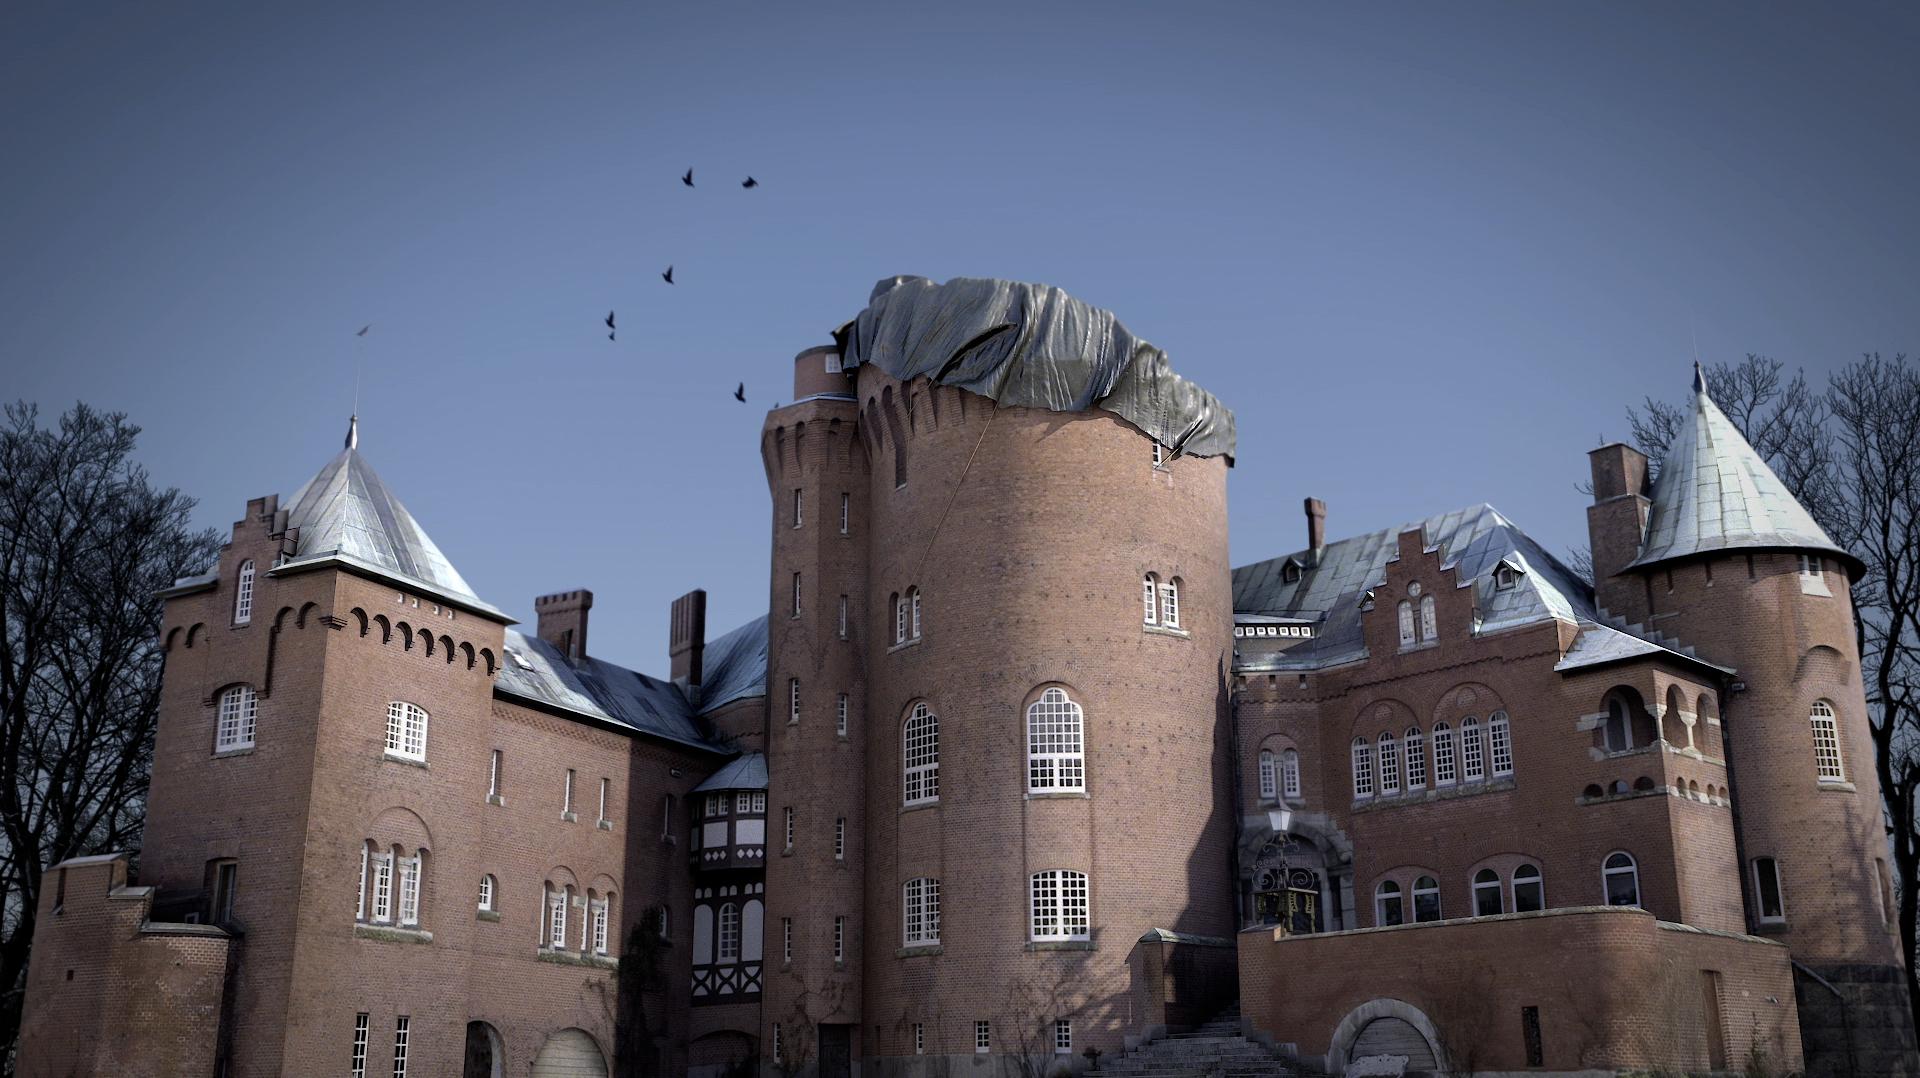 JK 2012 – The Castle